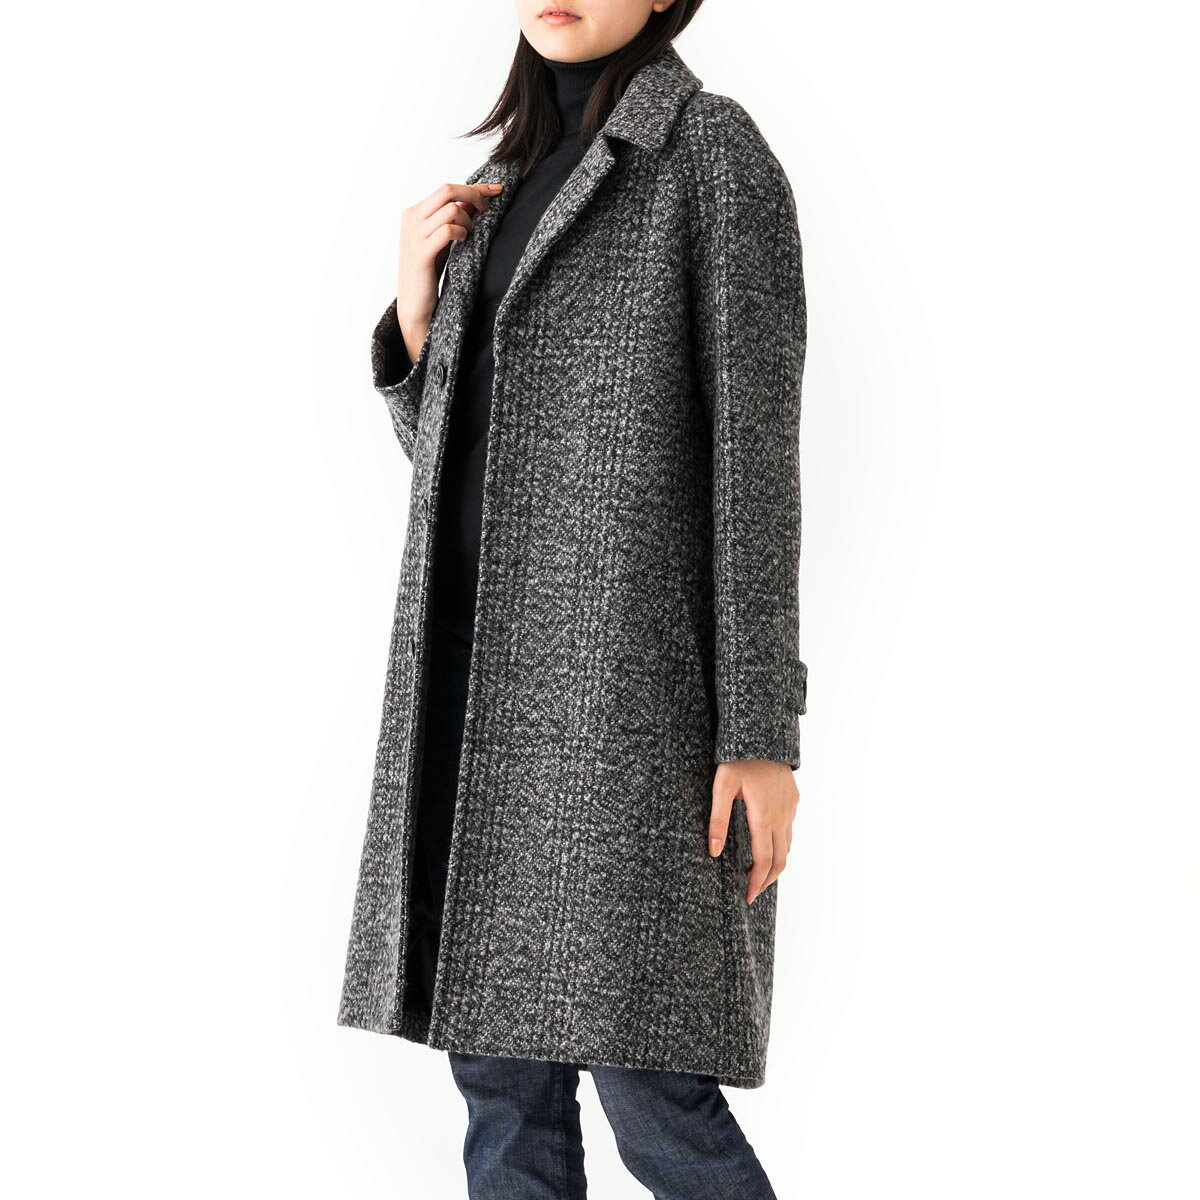 レディースファッション, コート・ジャケット  CELINE 2m221 730e 09me